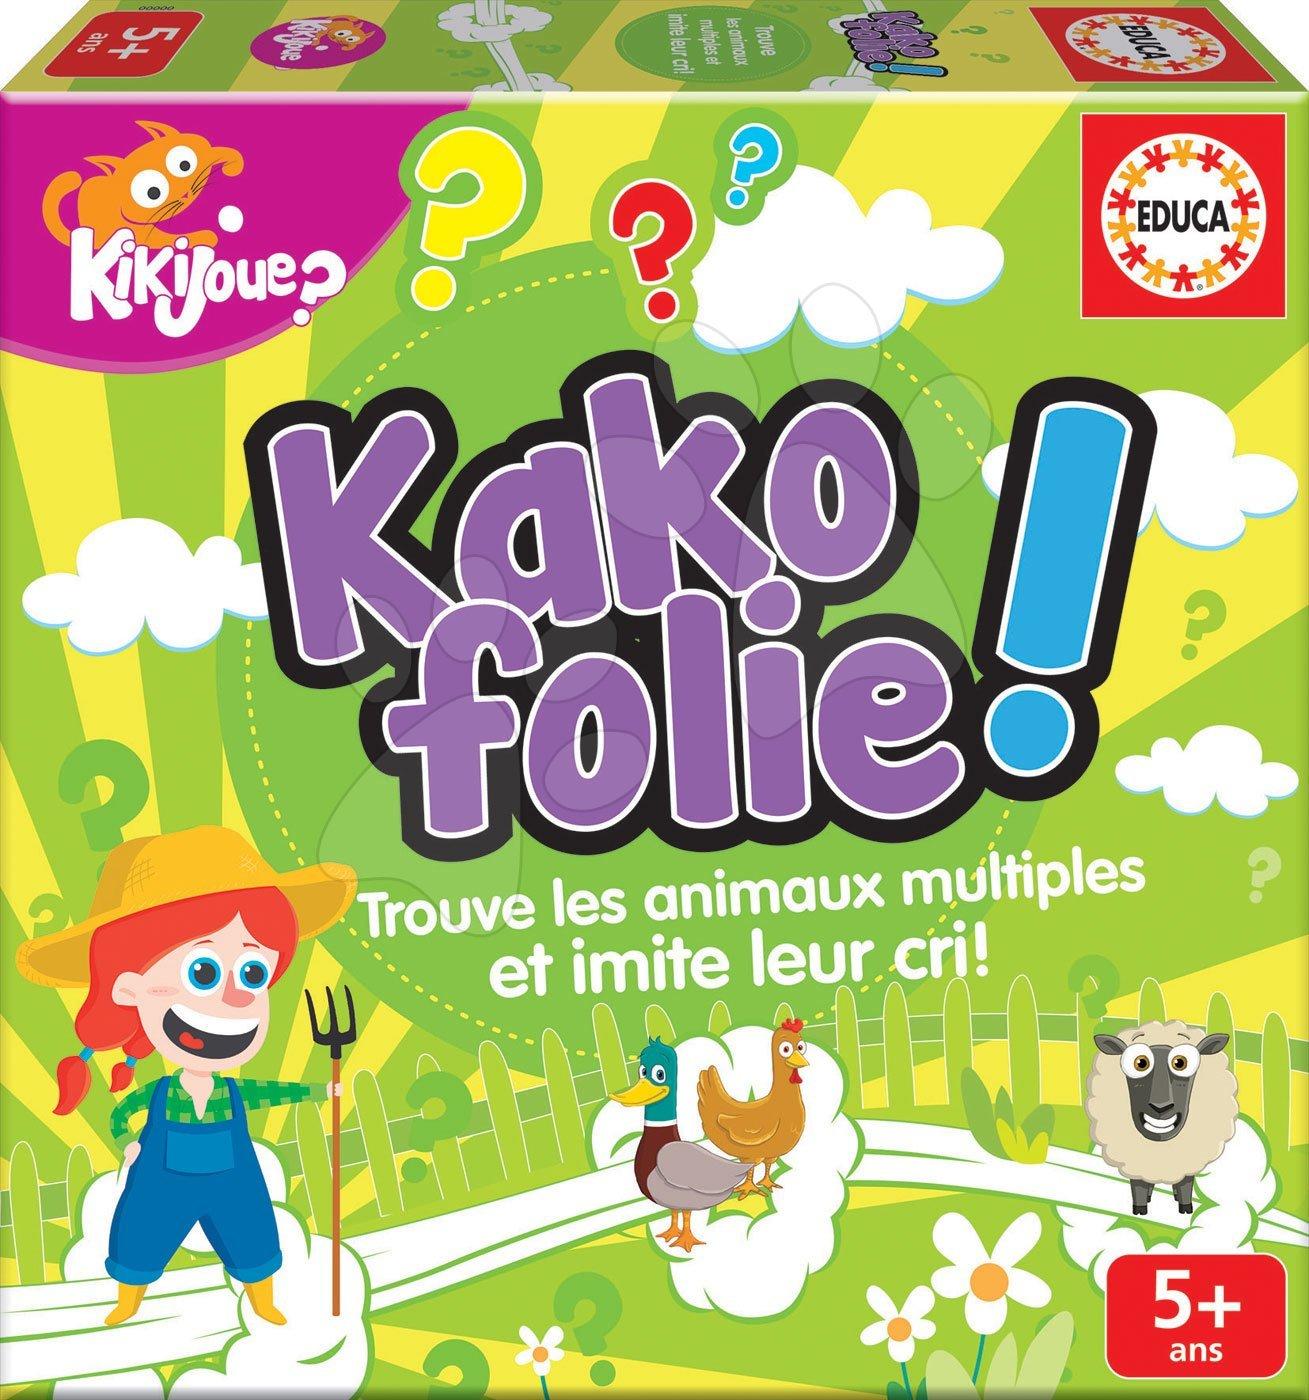 Educa detská spoločenská hra Kako folie! vo francúzštine 16680